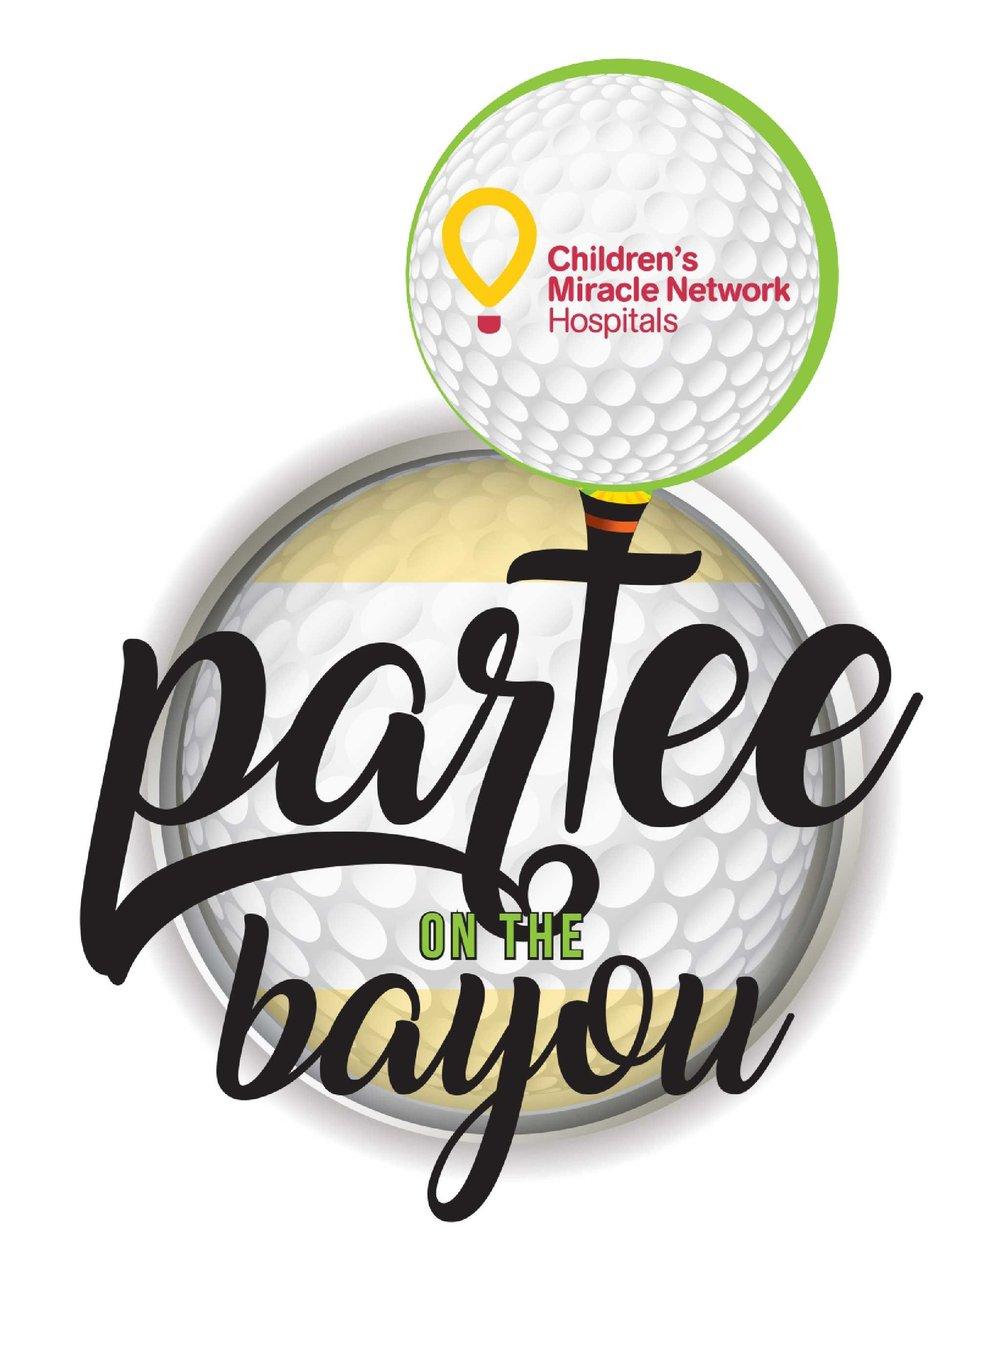 Par Tee On The Bayou Christus Cabrini Foundation